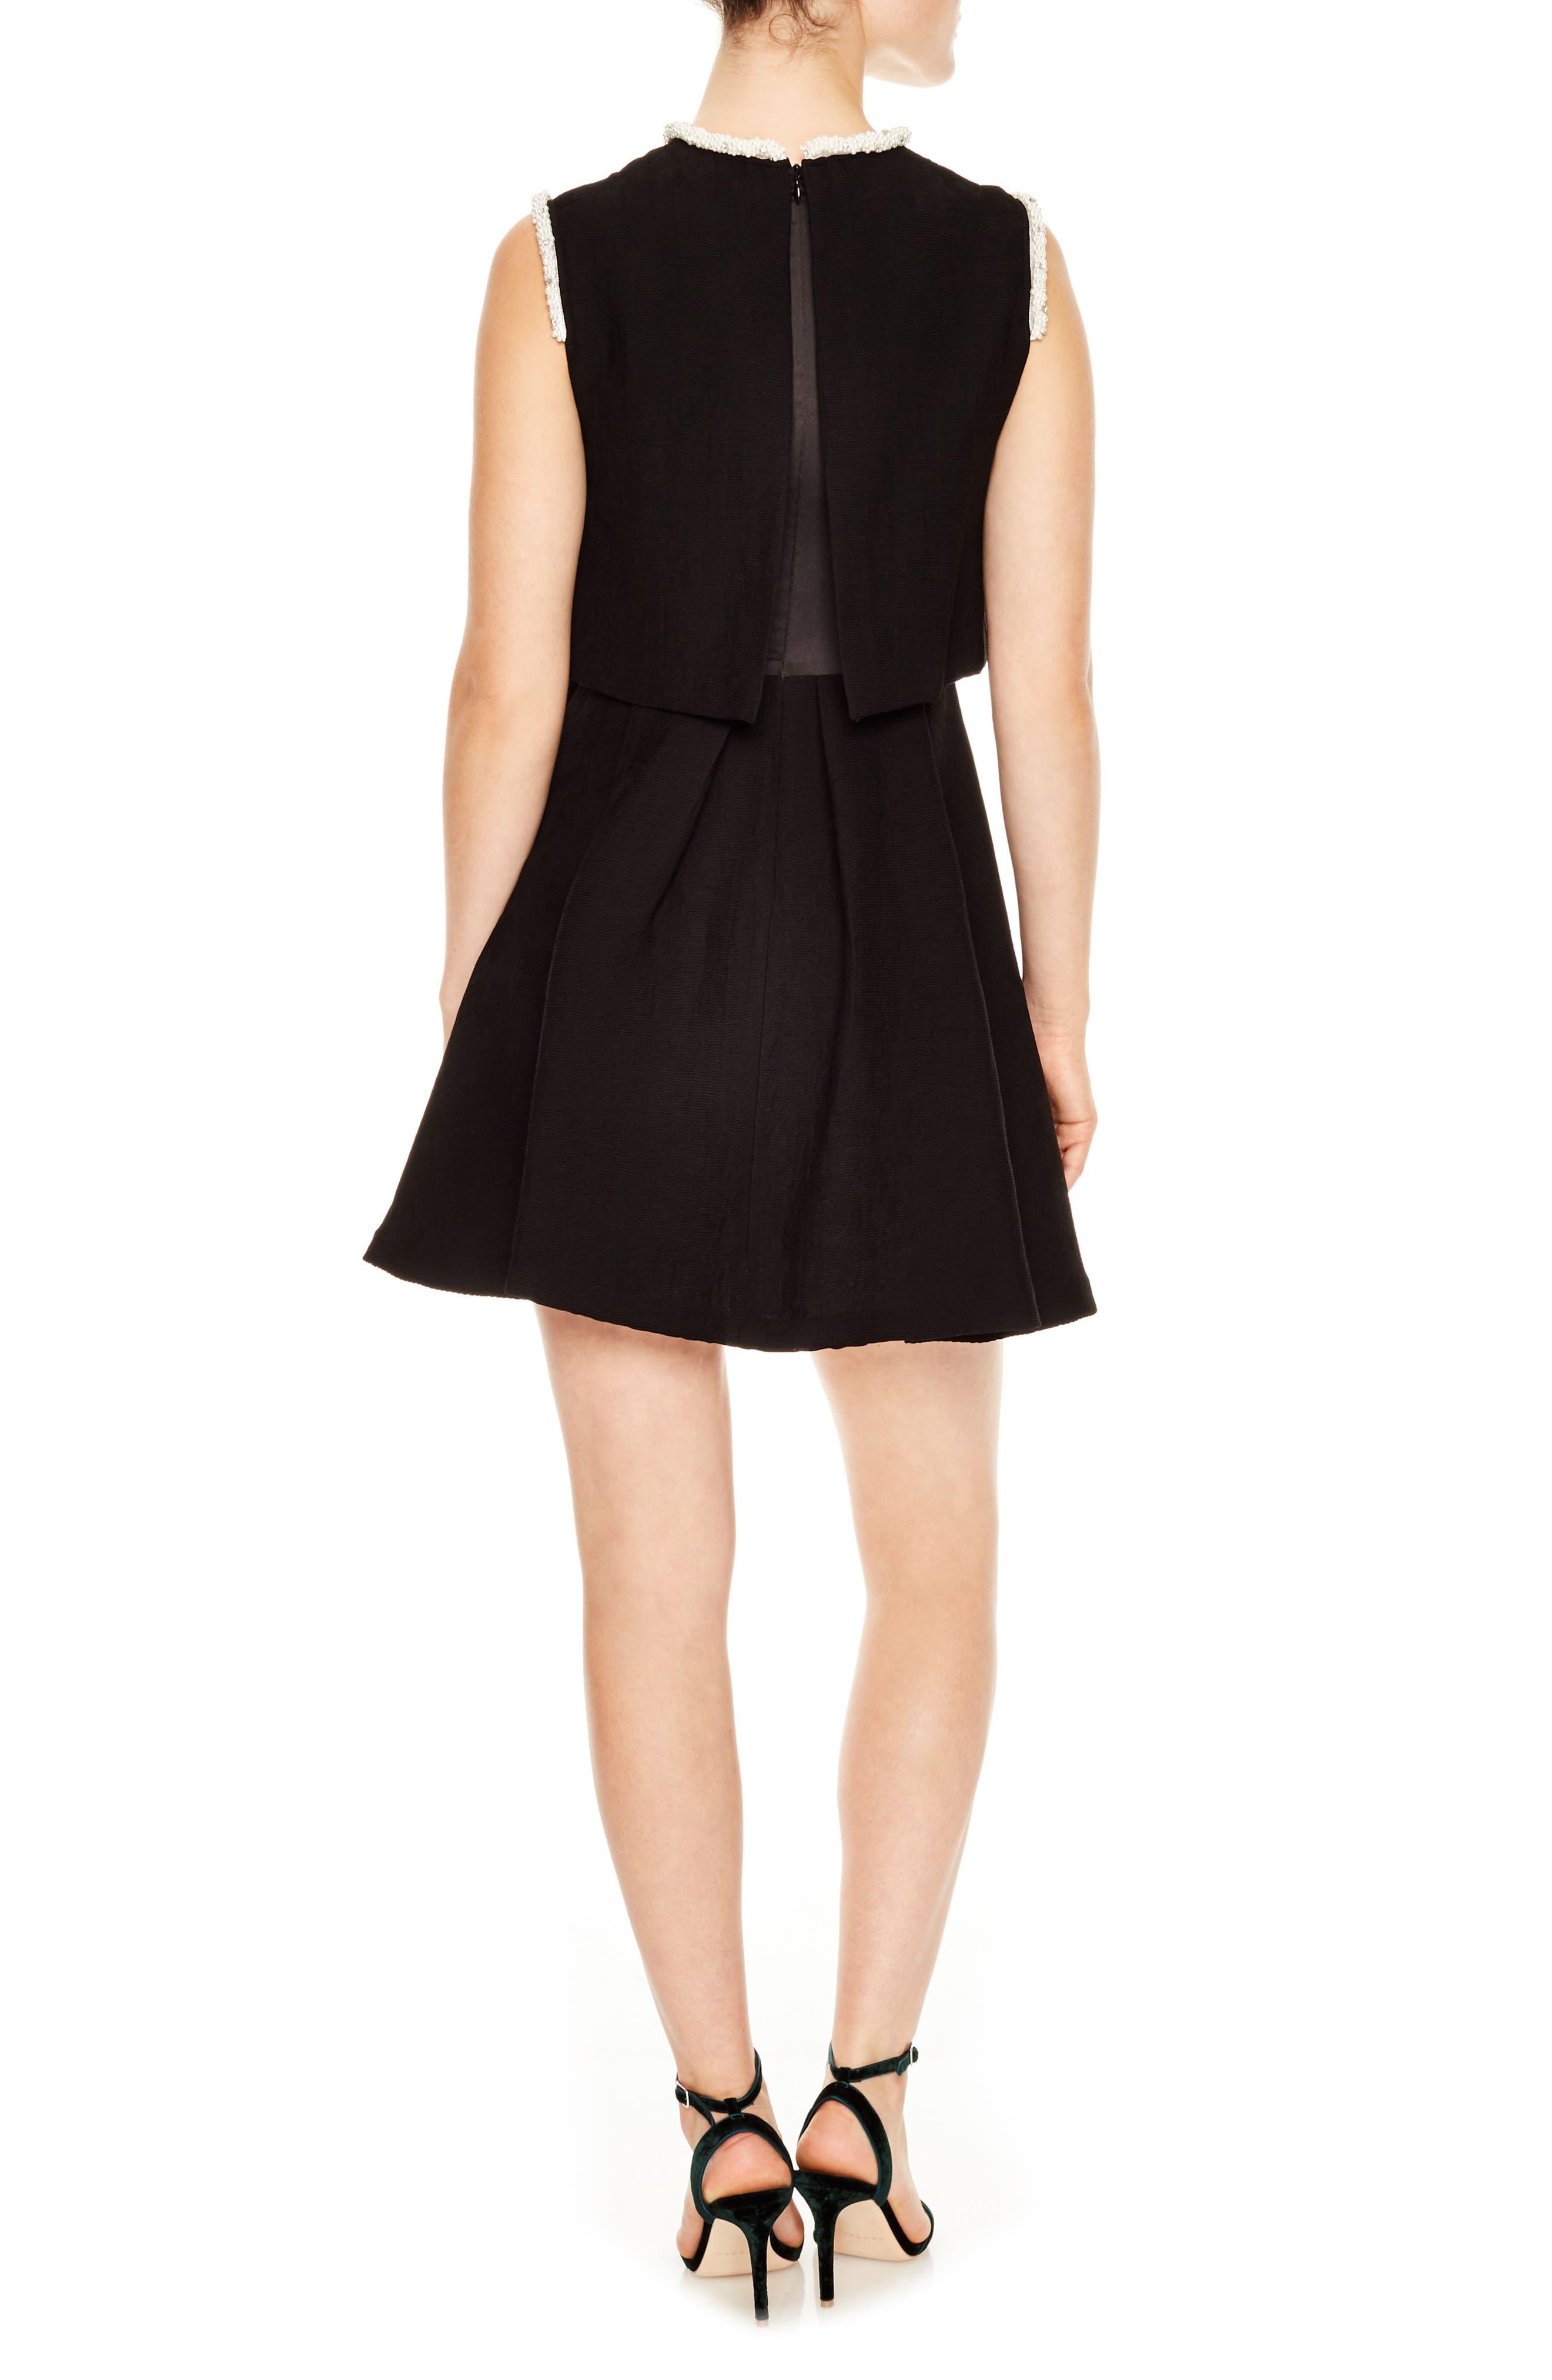 Ouma Jewel Neck Flare Dress,                             Alternate thumbnail 2, color,                             Black